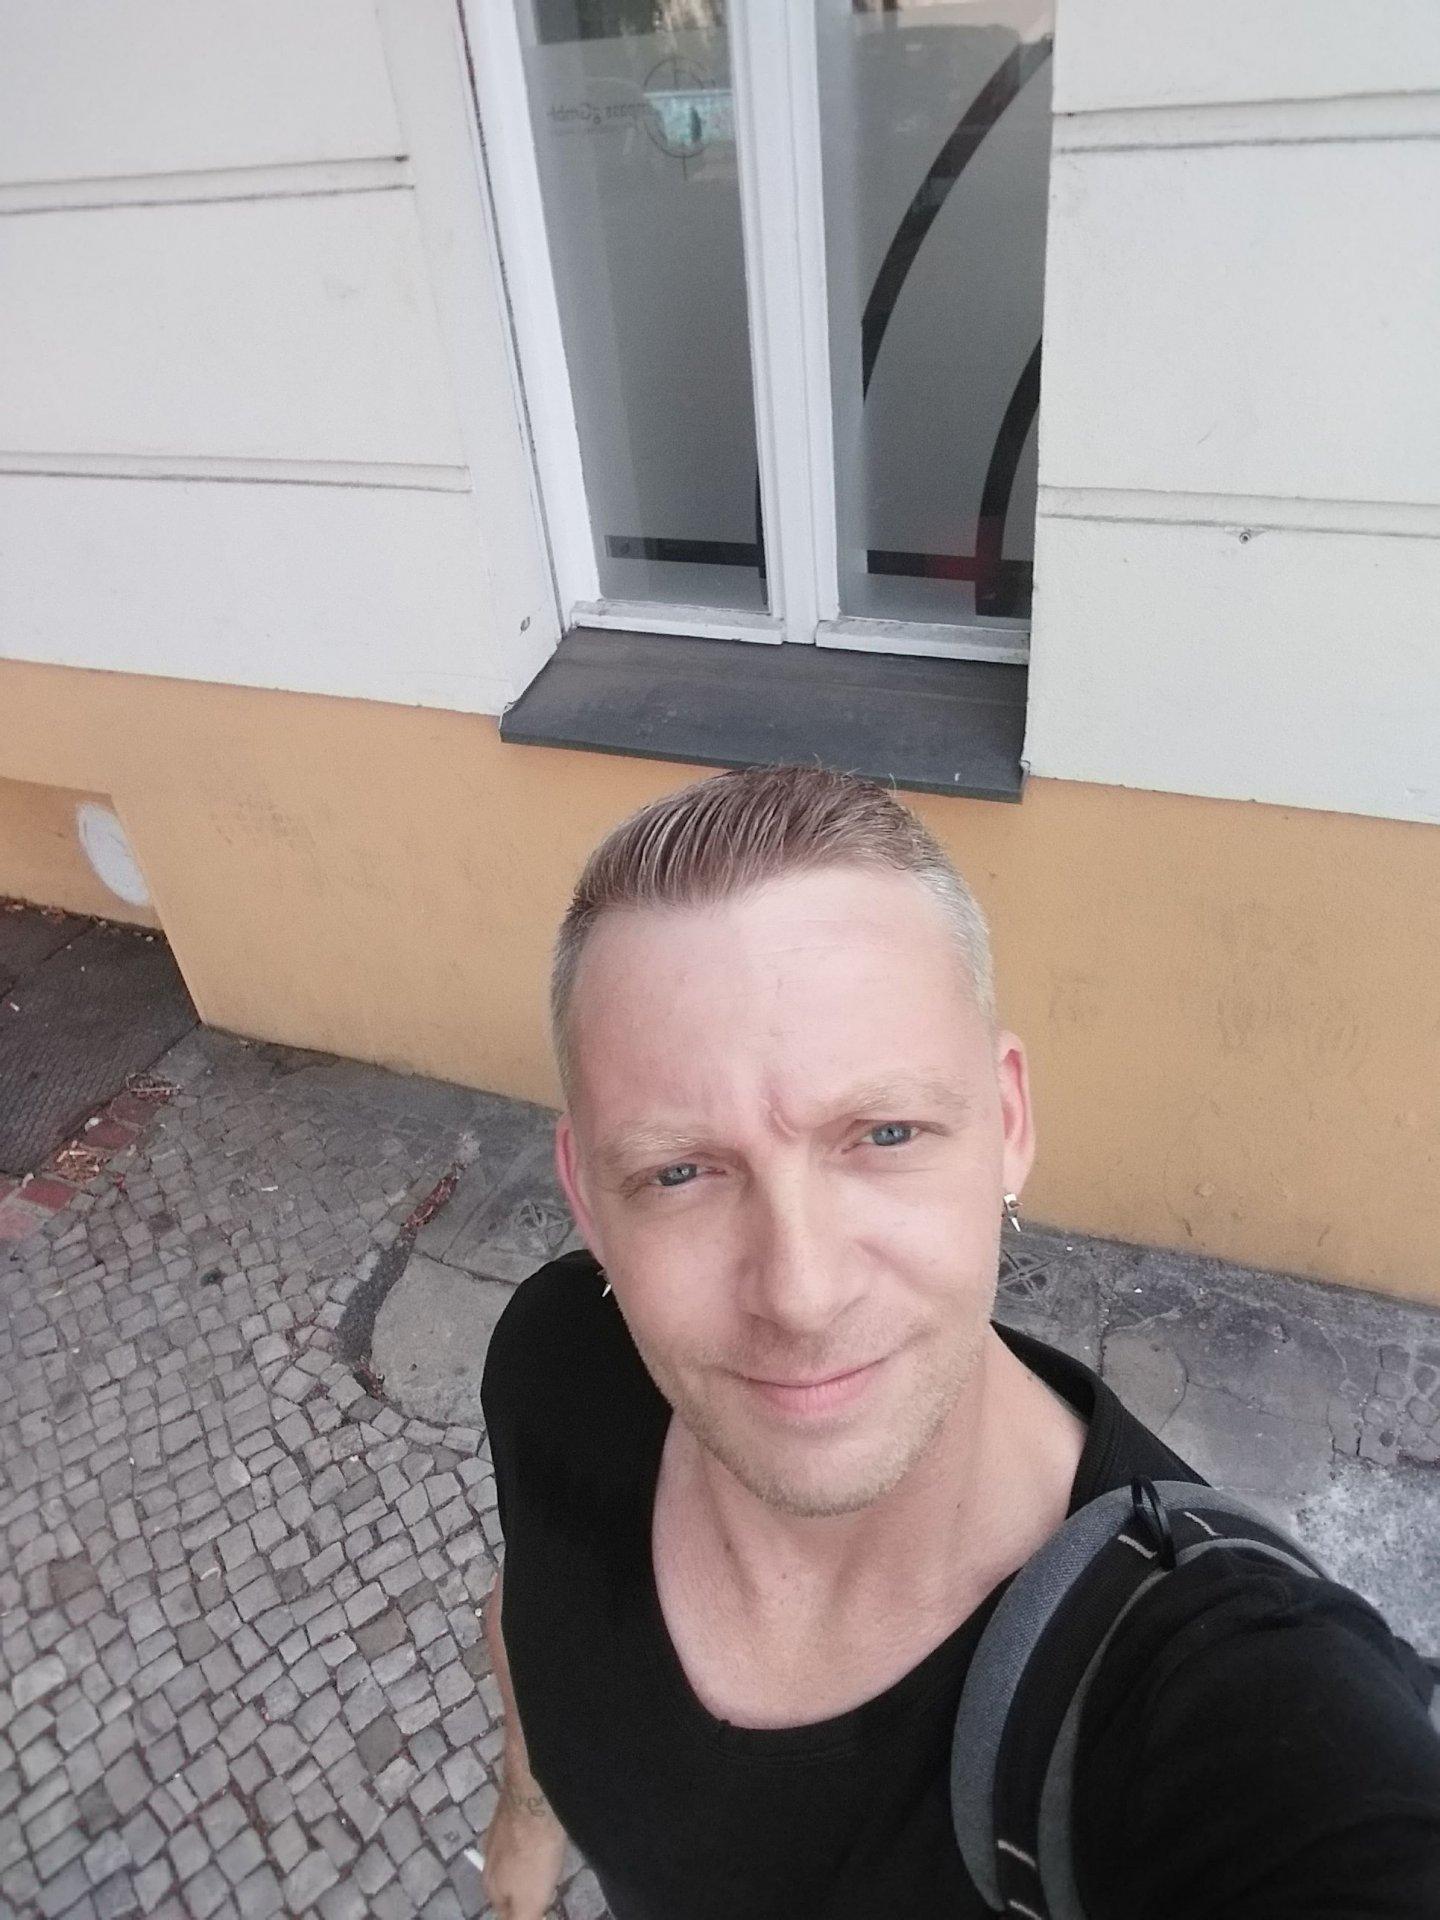 Thomas38  aus Berlin,Deutschland